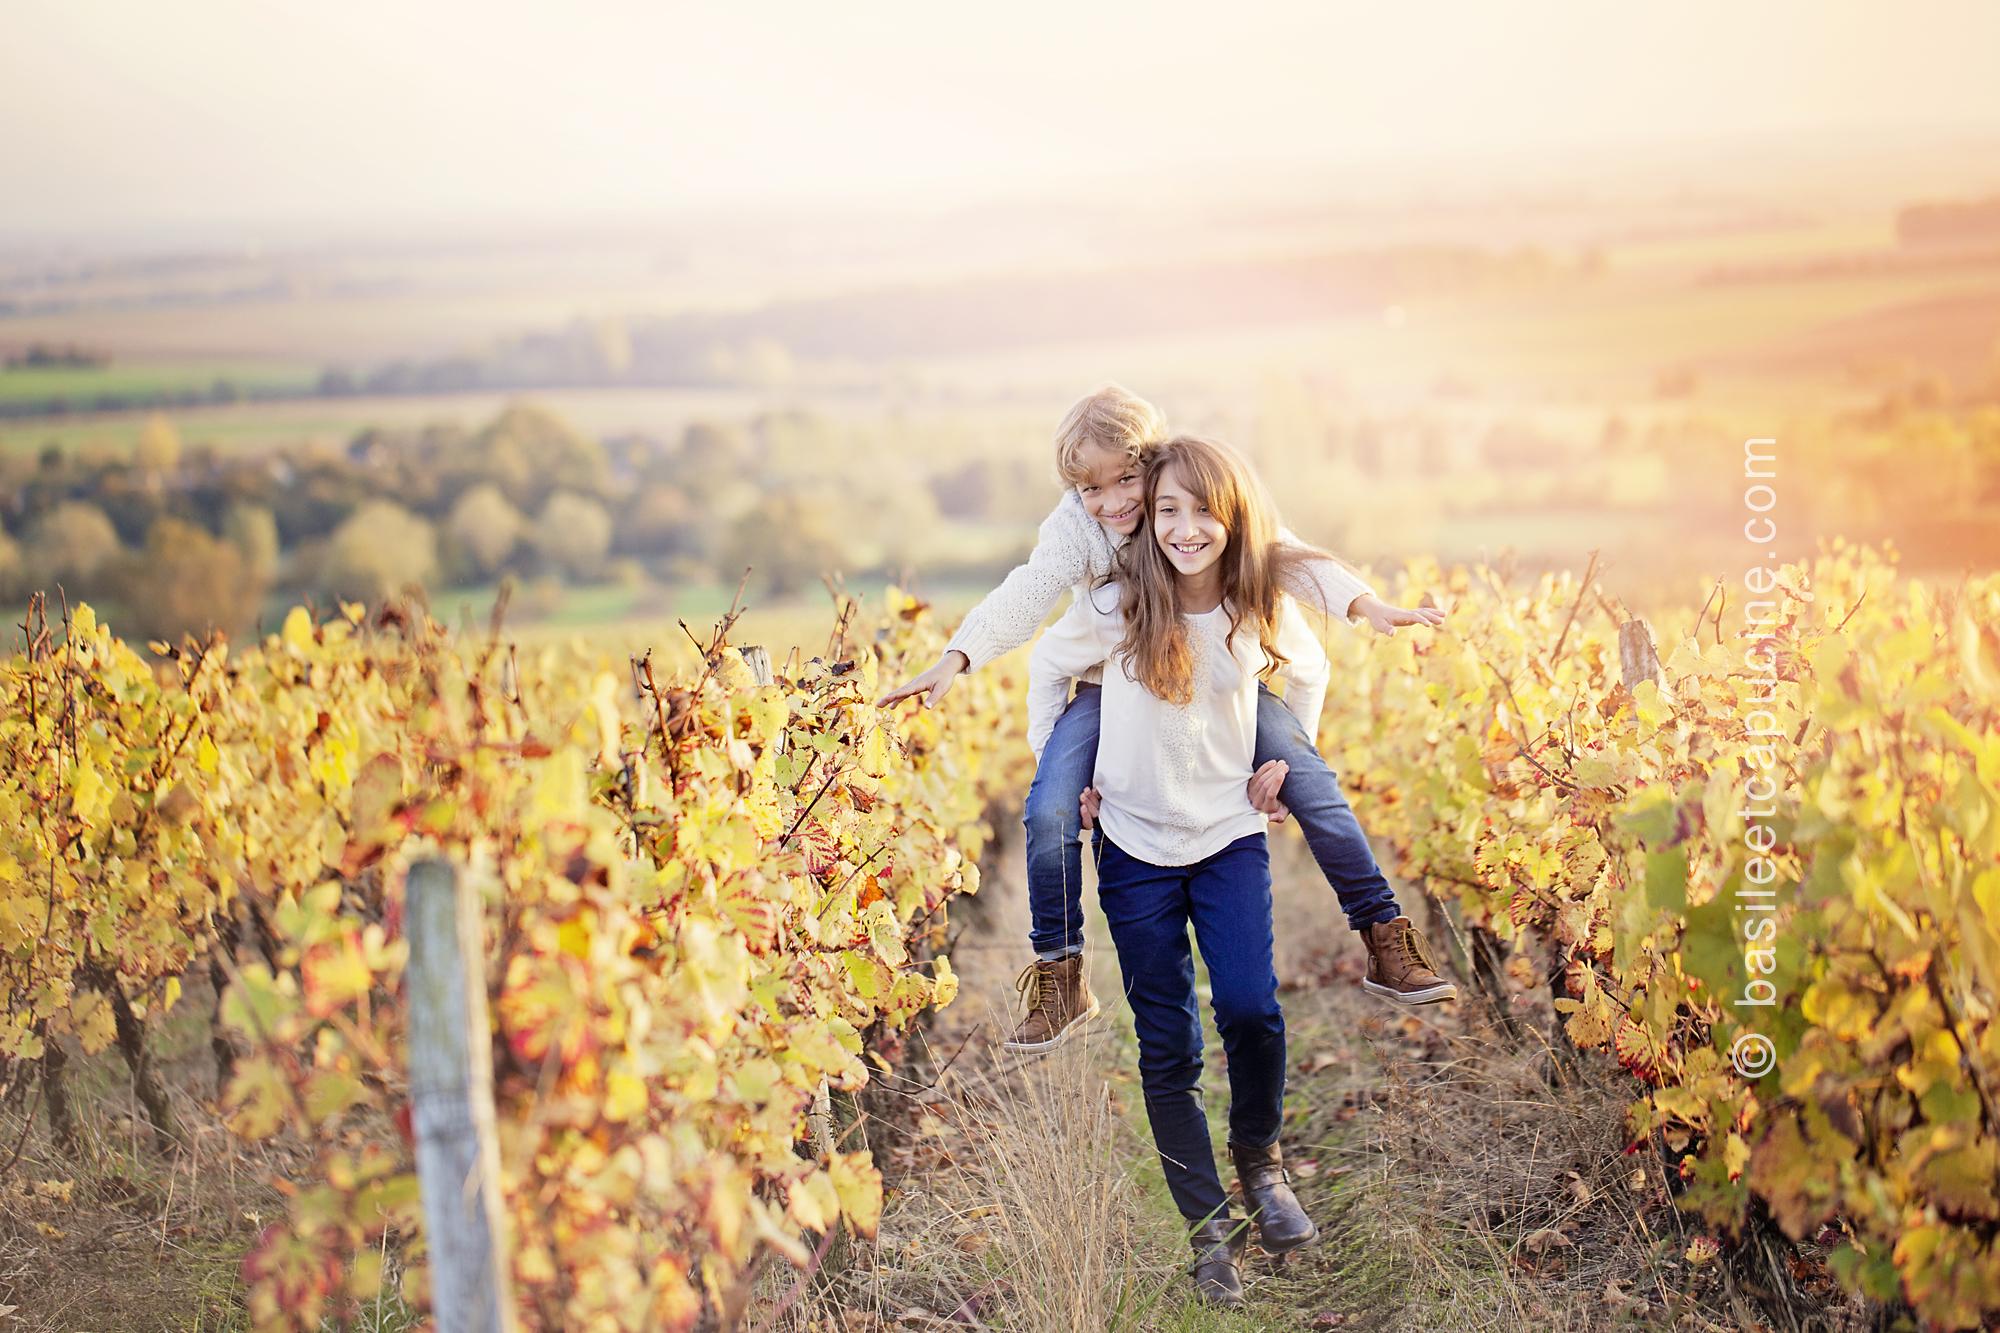 Photographe enfants Sancerre – Anna et Emilien dans les vignes